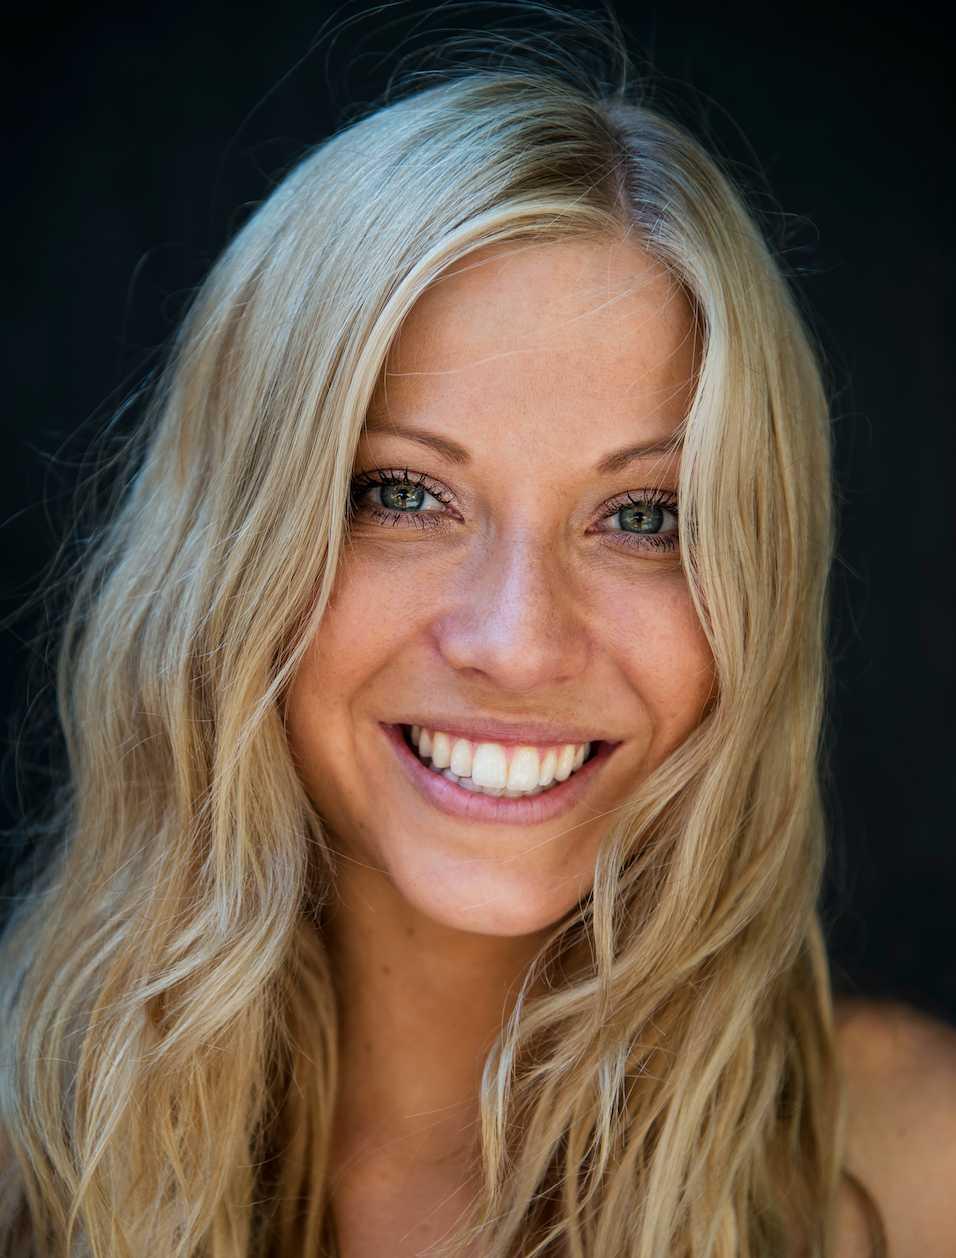 Sigrid Bernson är också en av deltagarna.